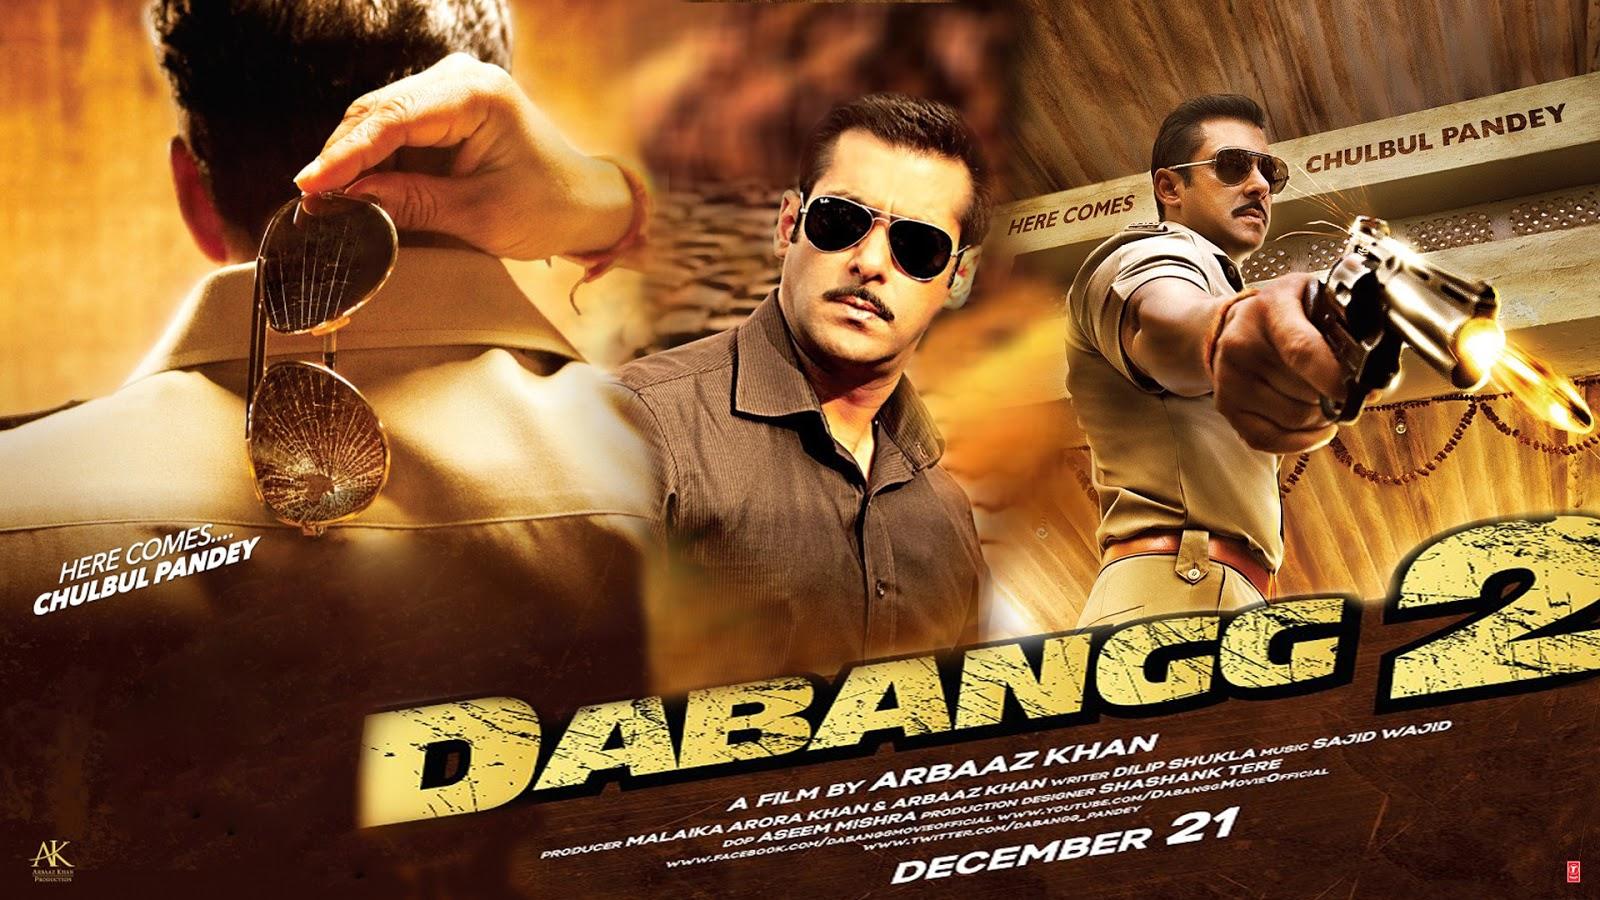 Dabangg 2 2012 Full HD Movie | Download Island Dabangg 2